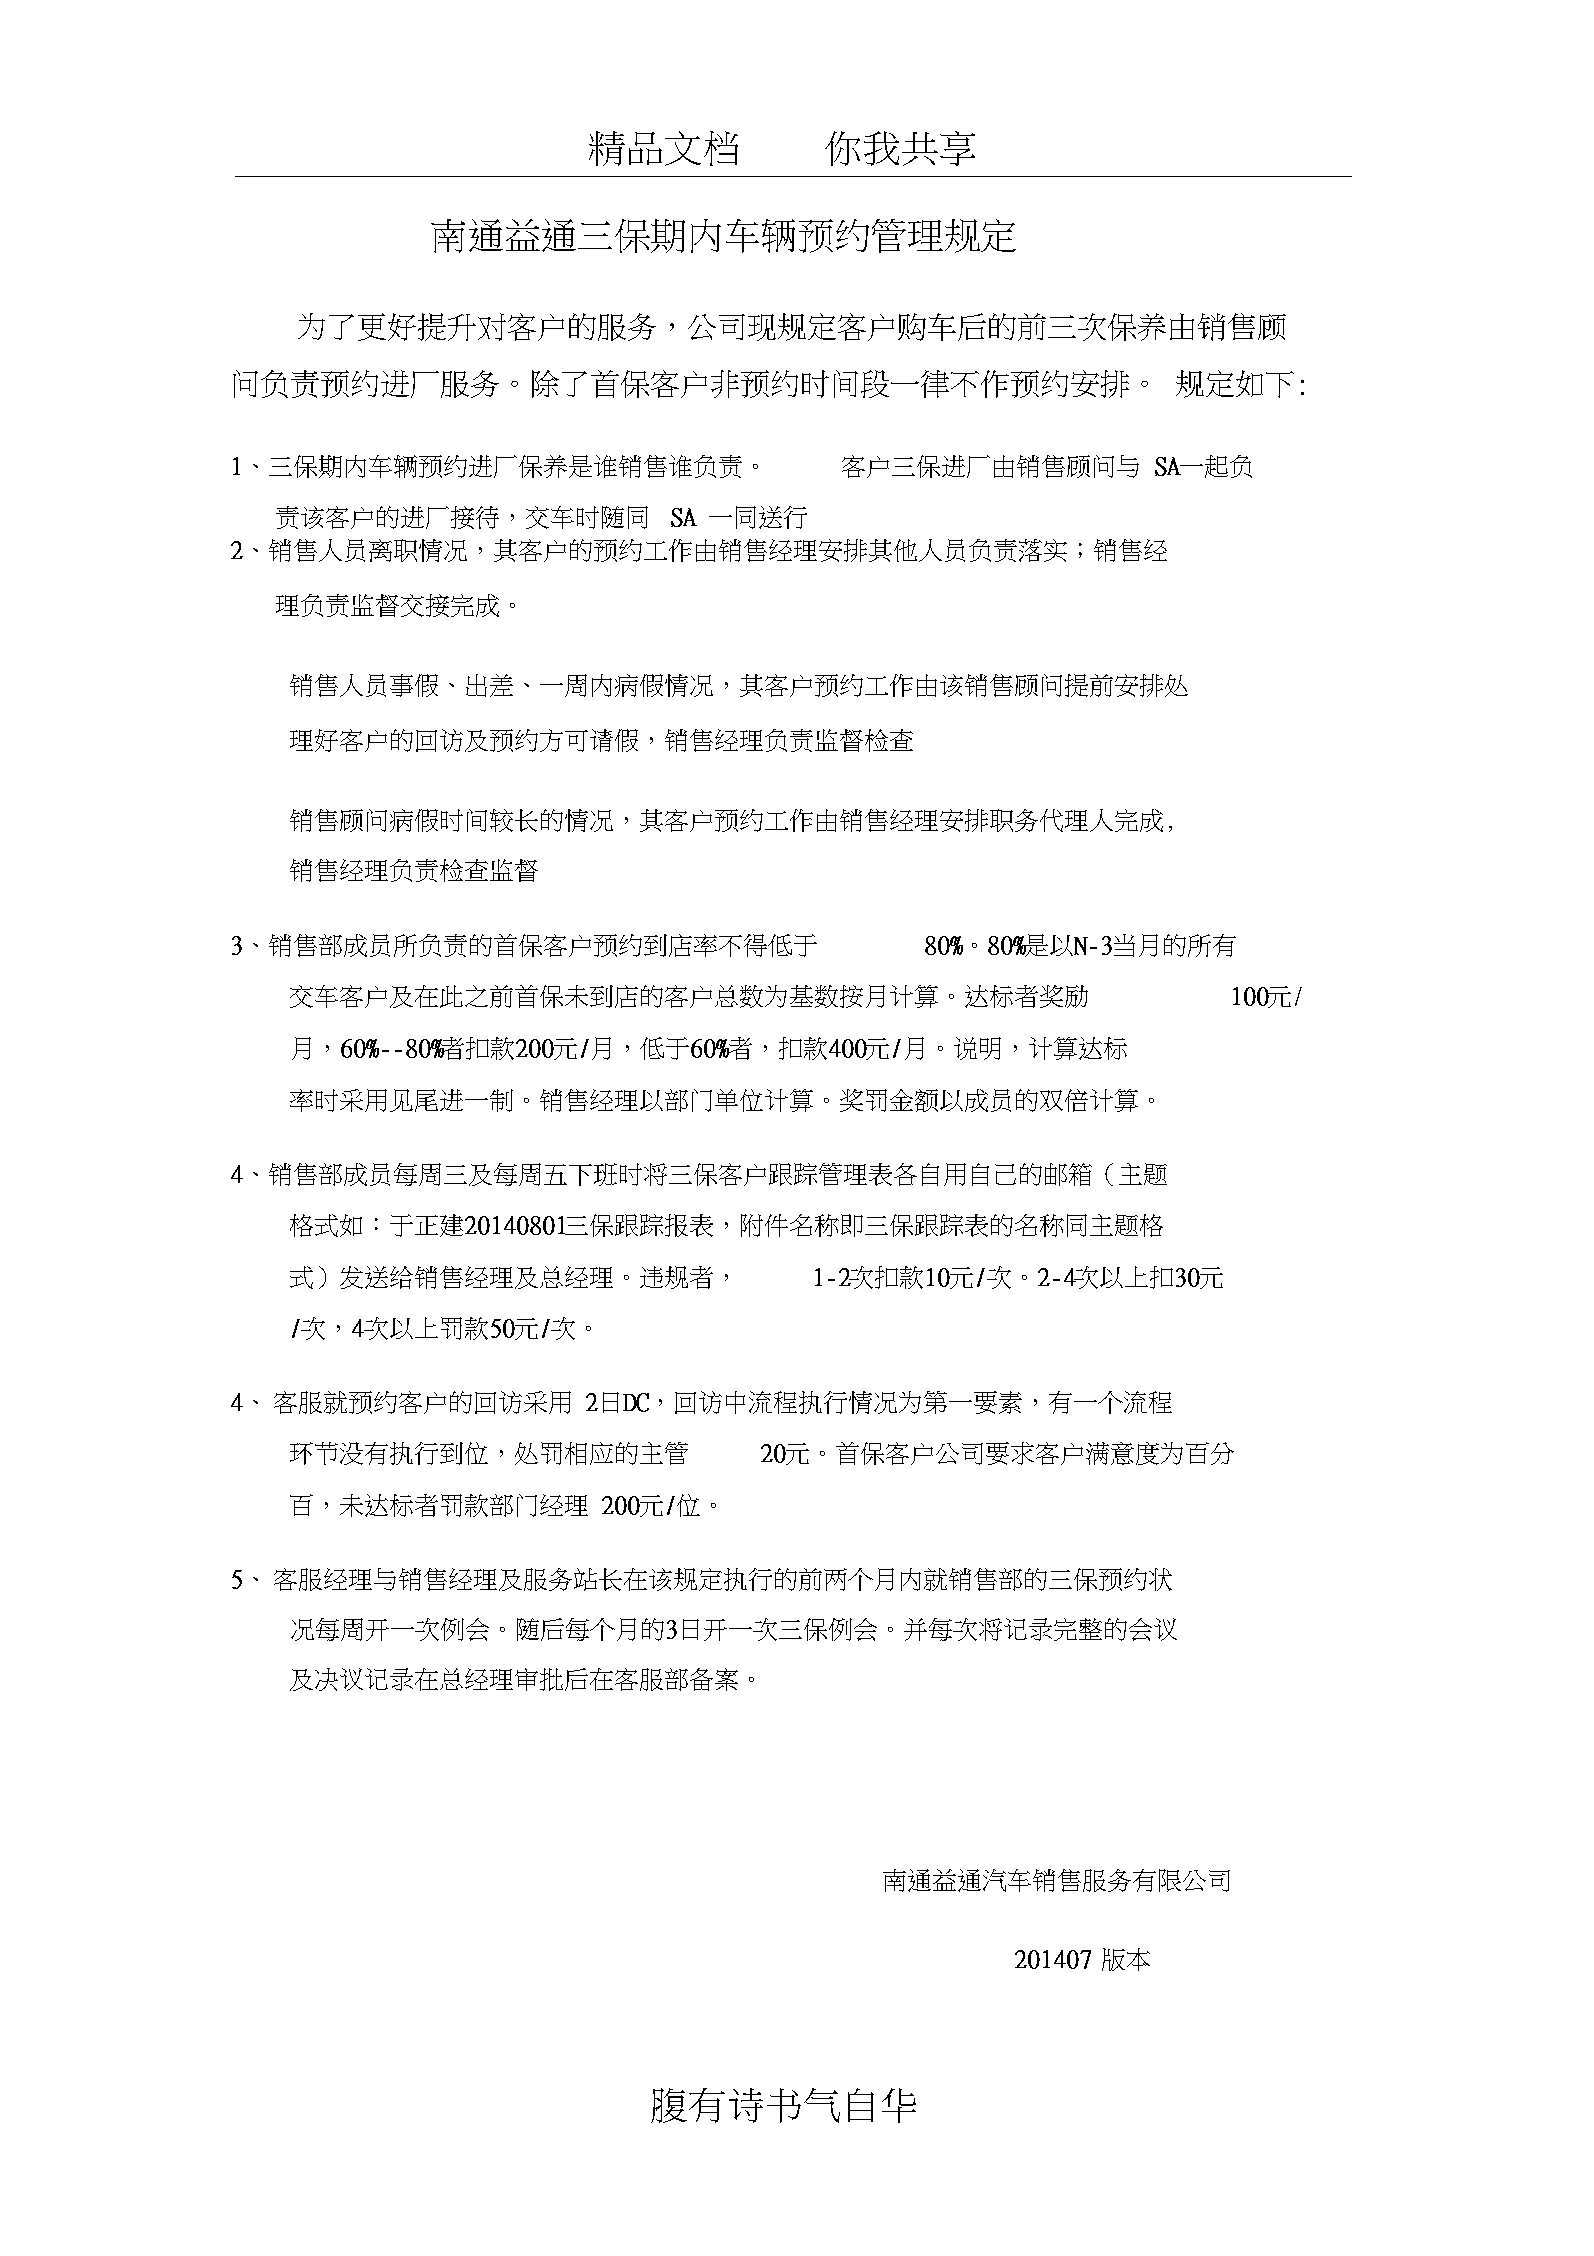 汽车4S店三保内预约制度及流程(20200920234432).docx